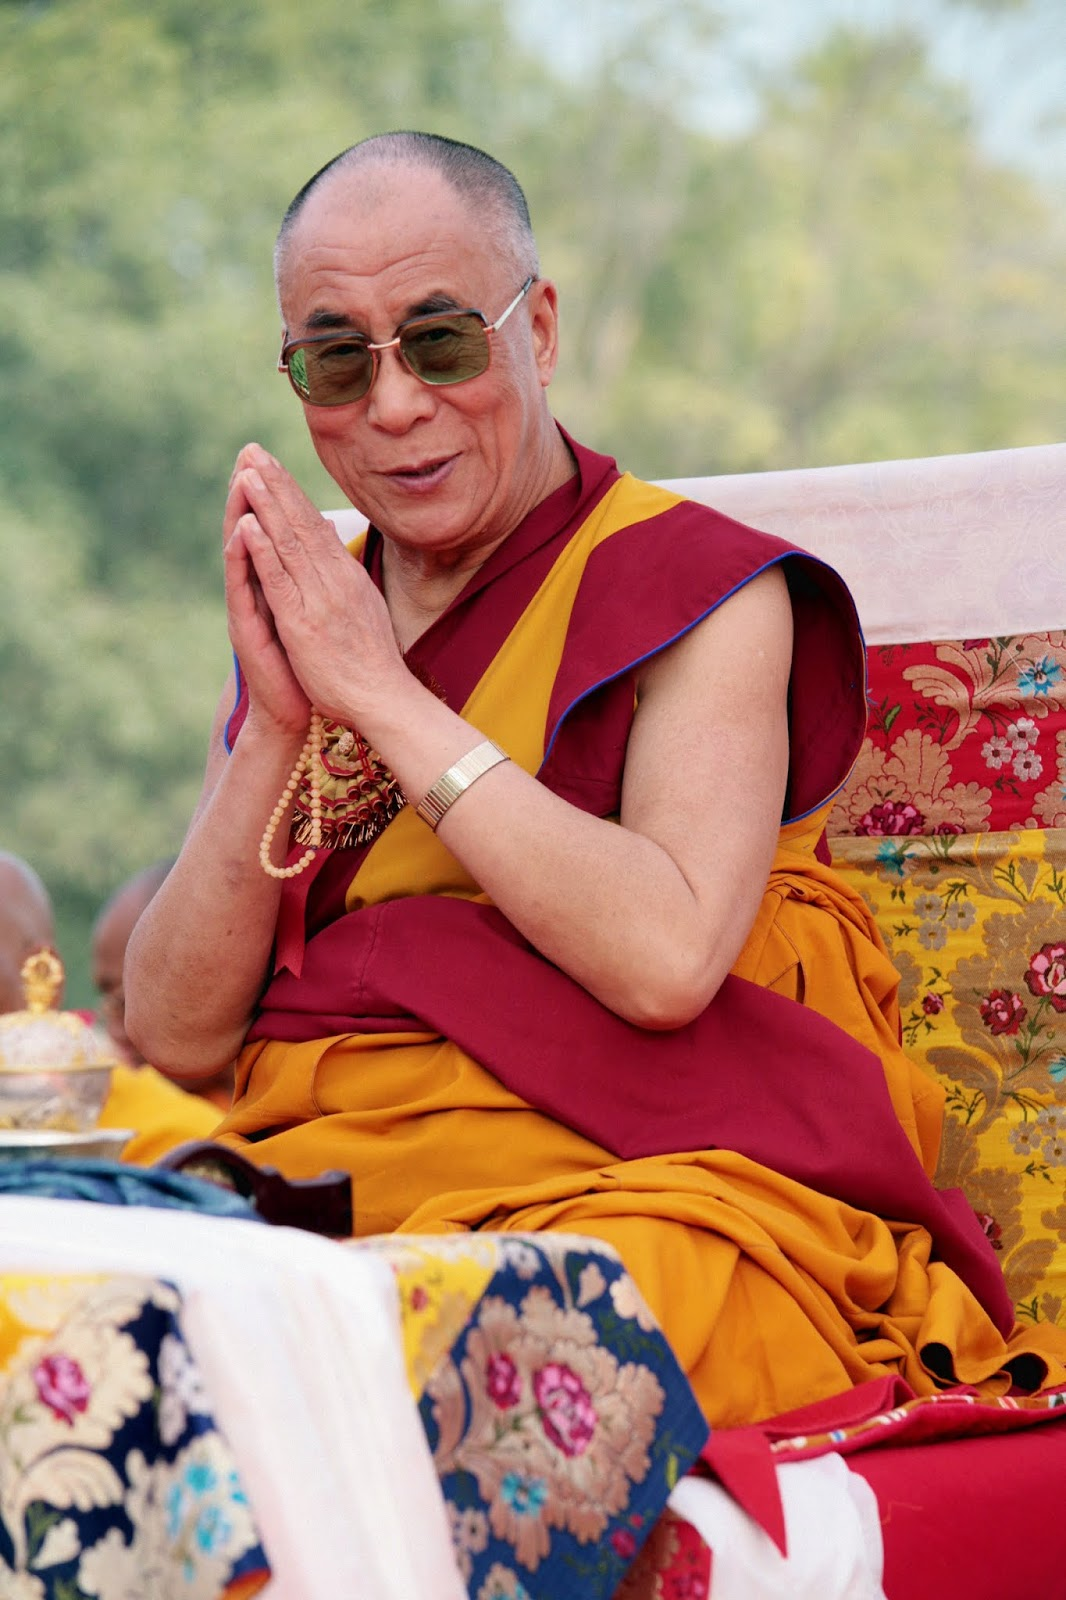 Dalai Lama Wallpapers image